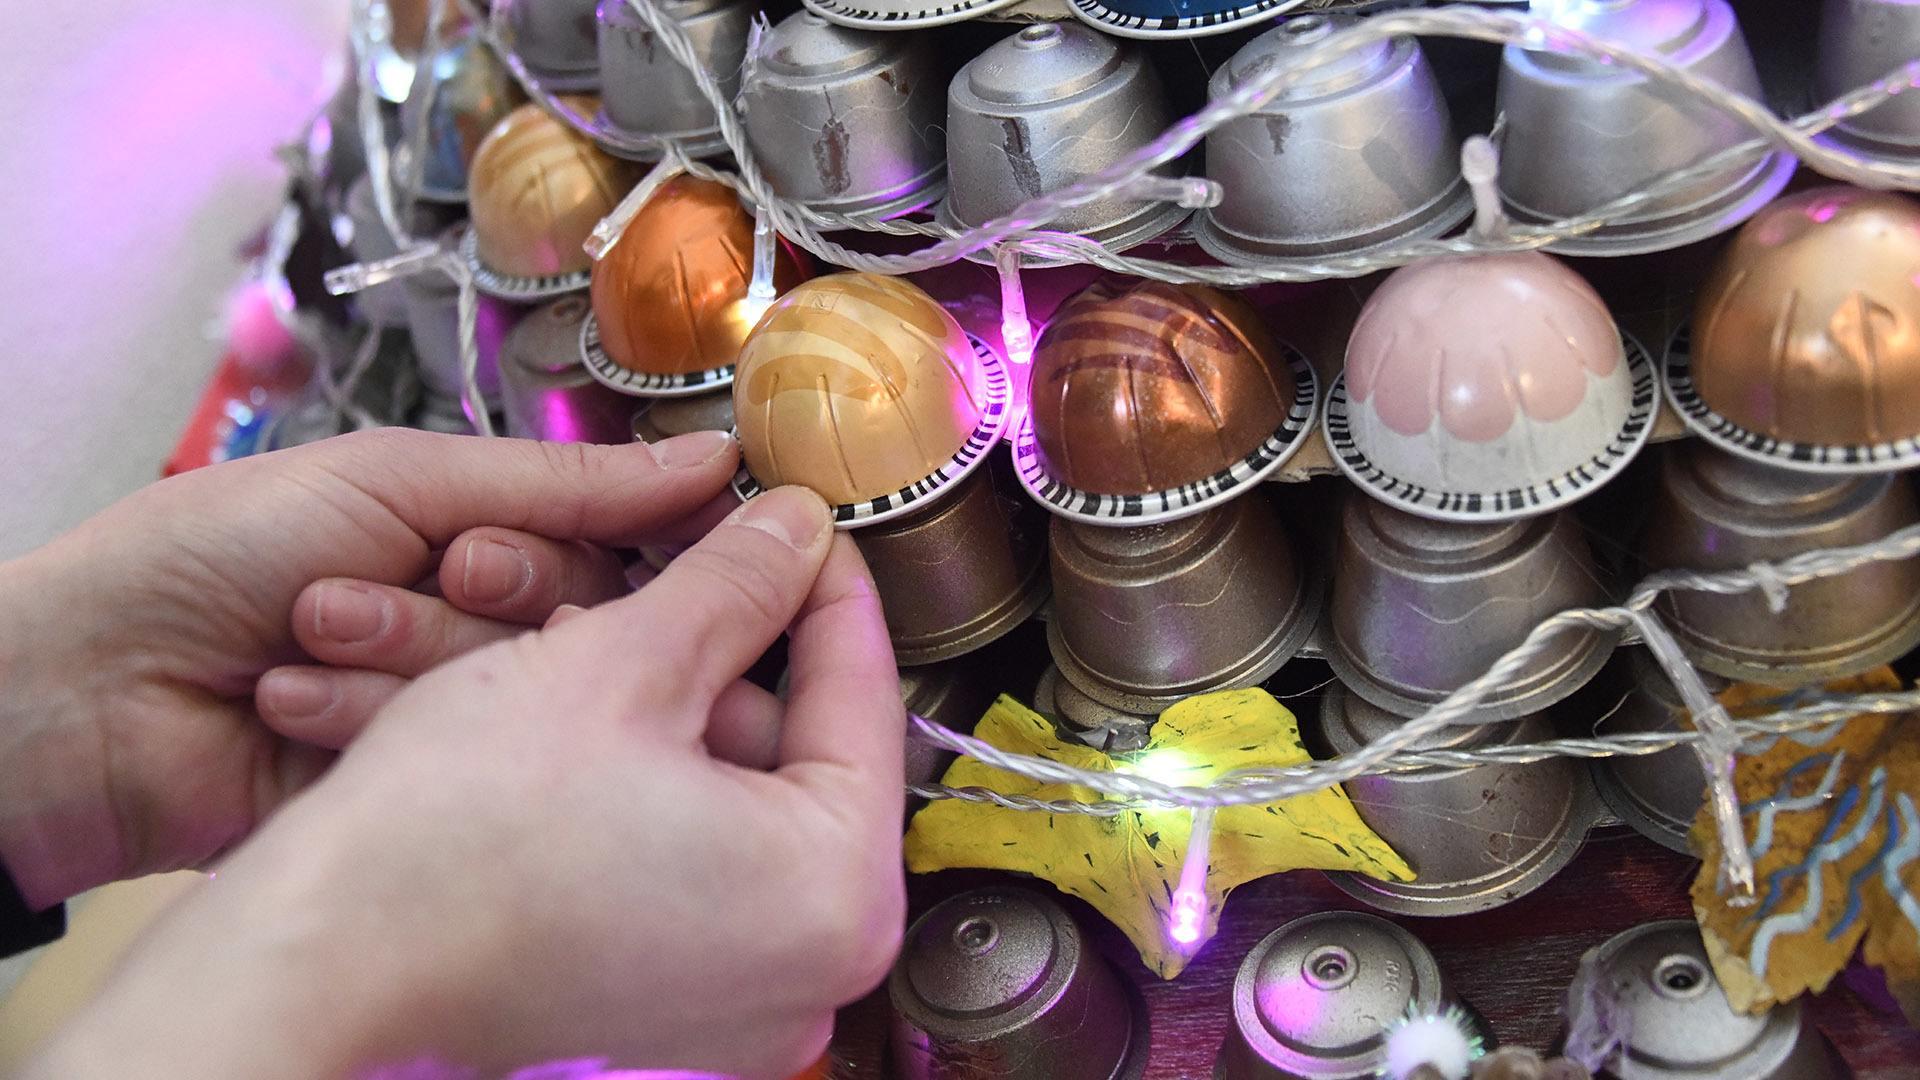 Mon beau sapin en capsules : les parents ont fourni les capsules